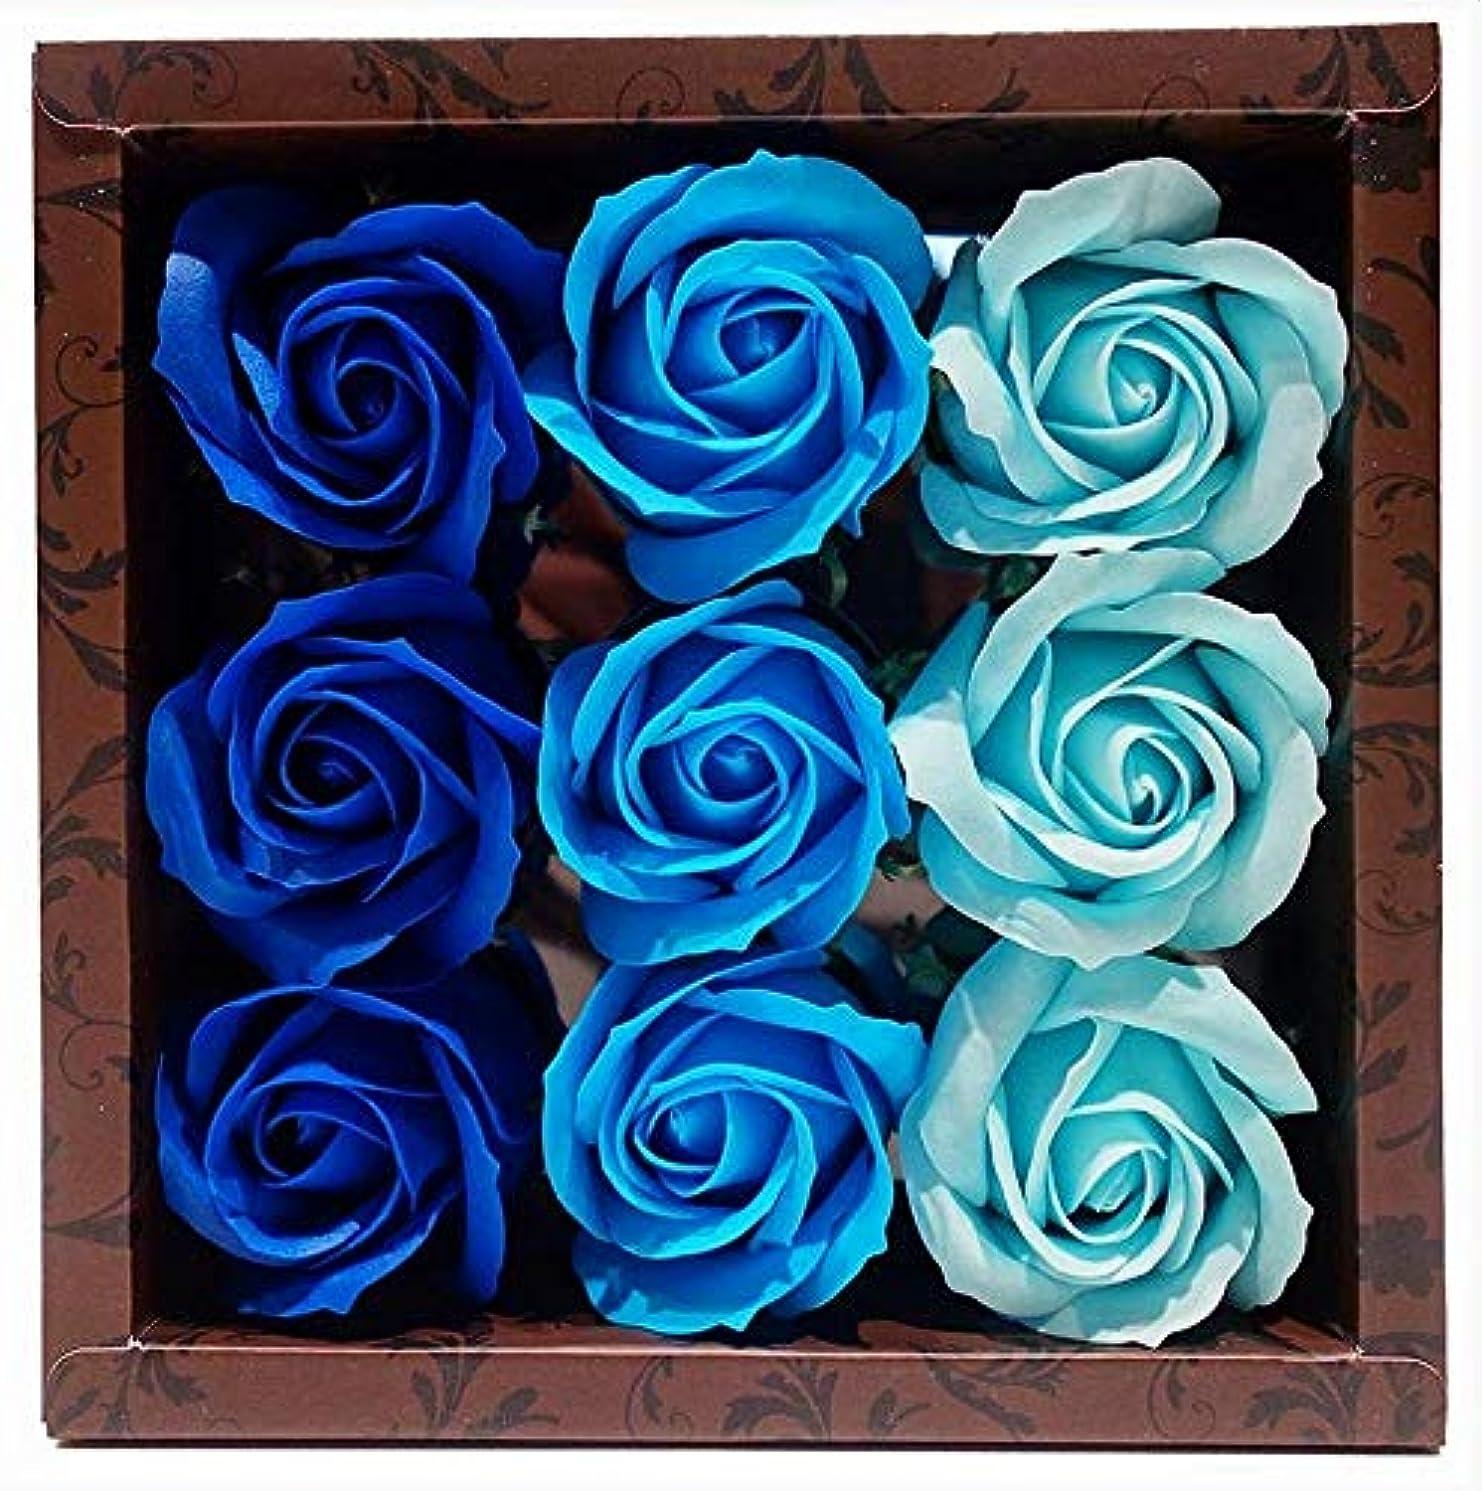 バンケットエリート土花のカタチの入浴料 ローズ バスフレグランス フラワーフレグランス バスフラワー (ブルー)